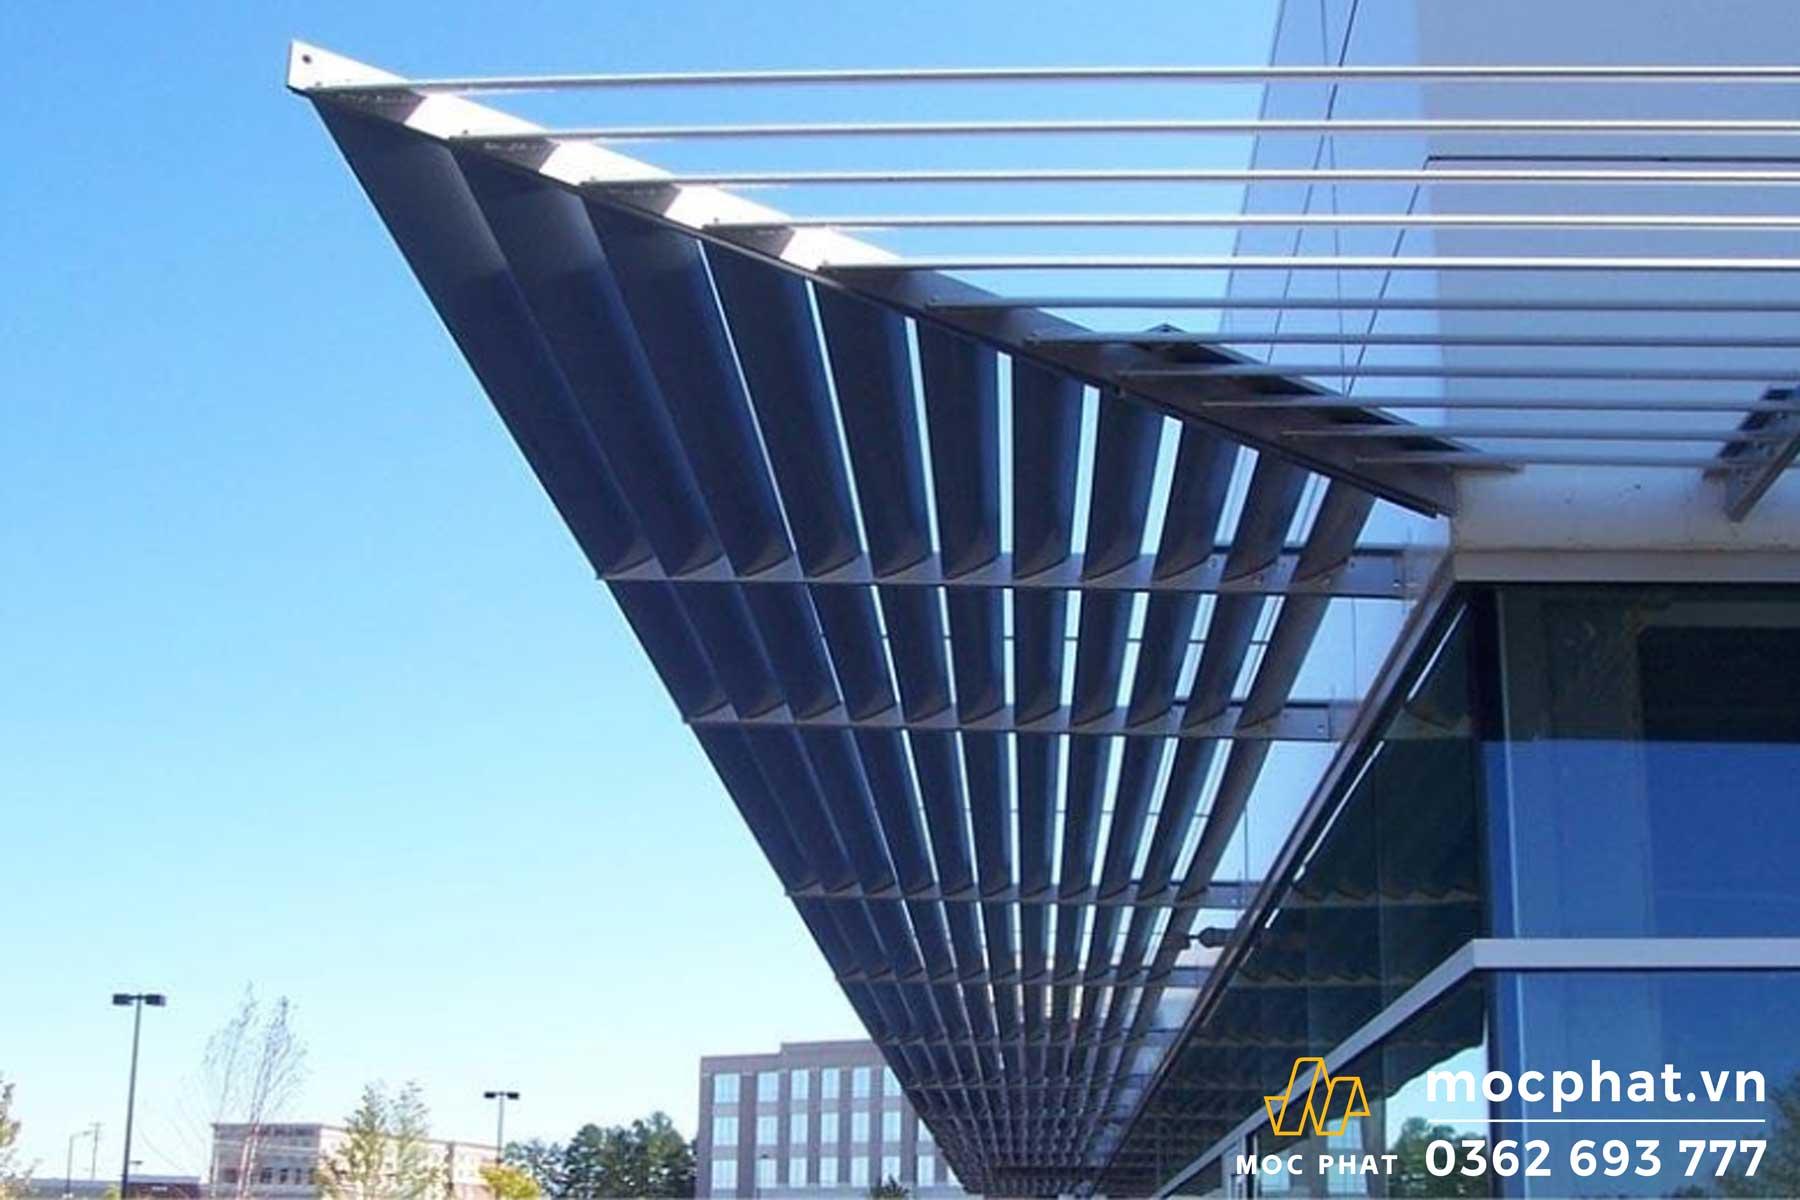 Hình ảnh công trình làm nhôm che nắng